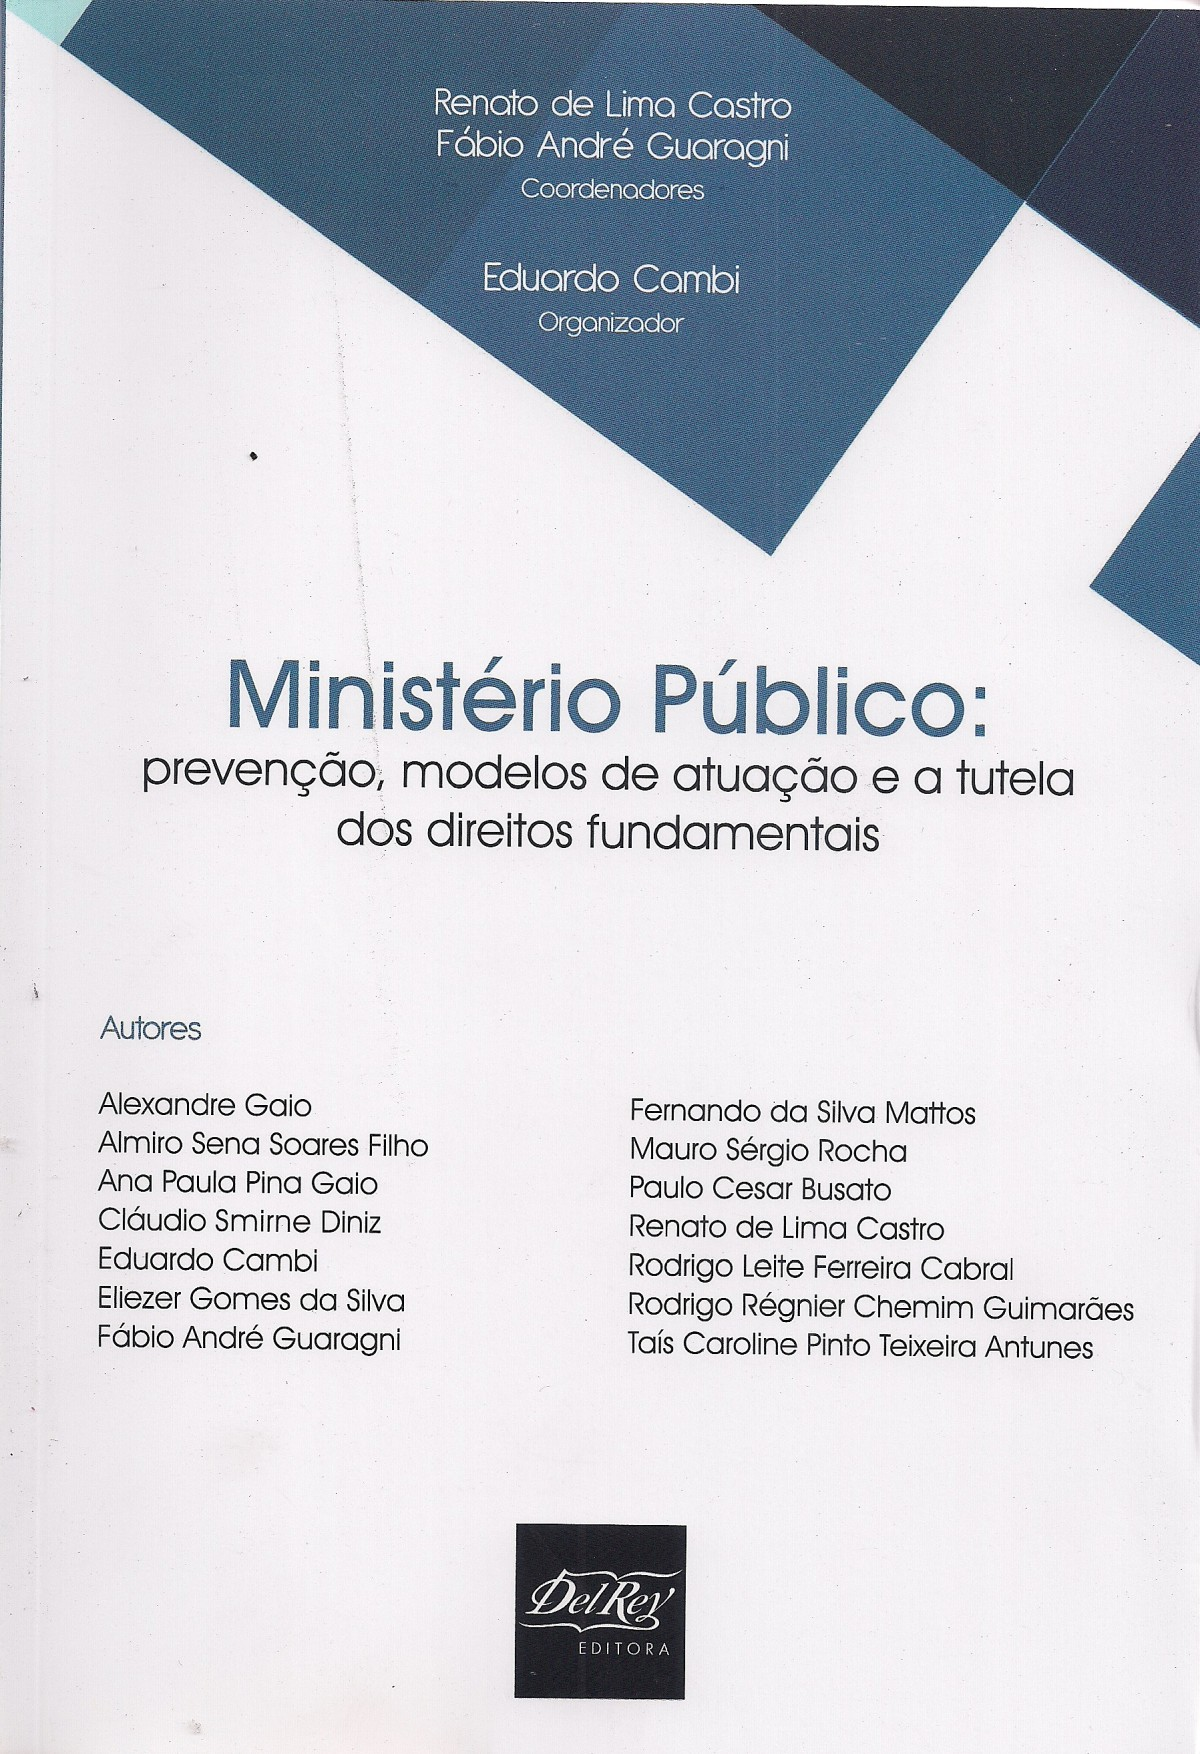 Foto 1 - Ministério Público - Prevenção. Modelos de Atuação e A Tutela Dos Direitos Fundamentais